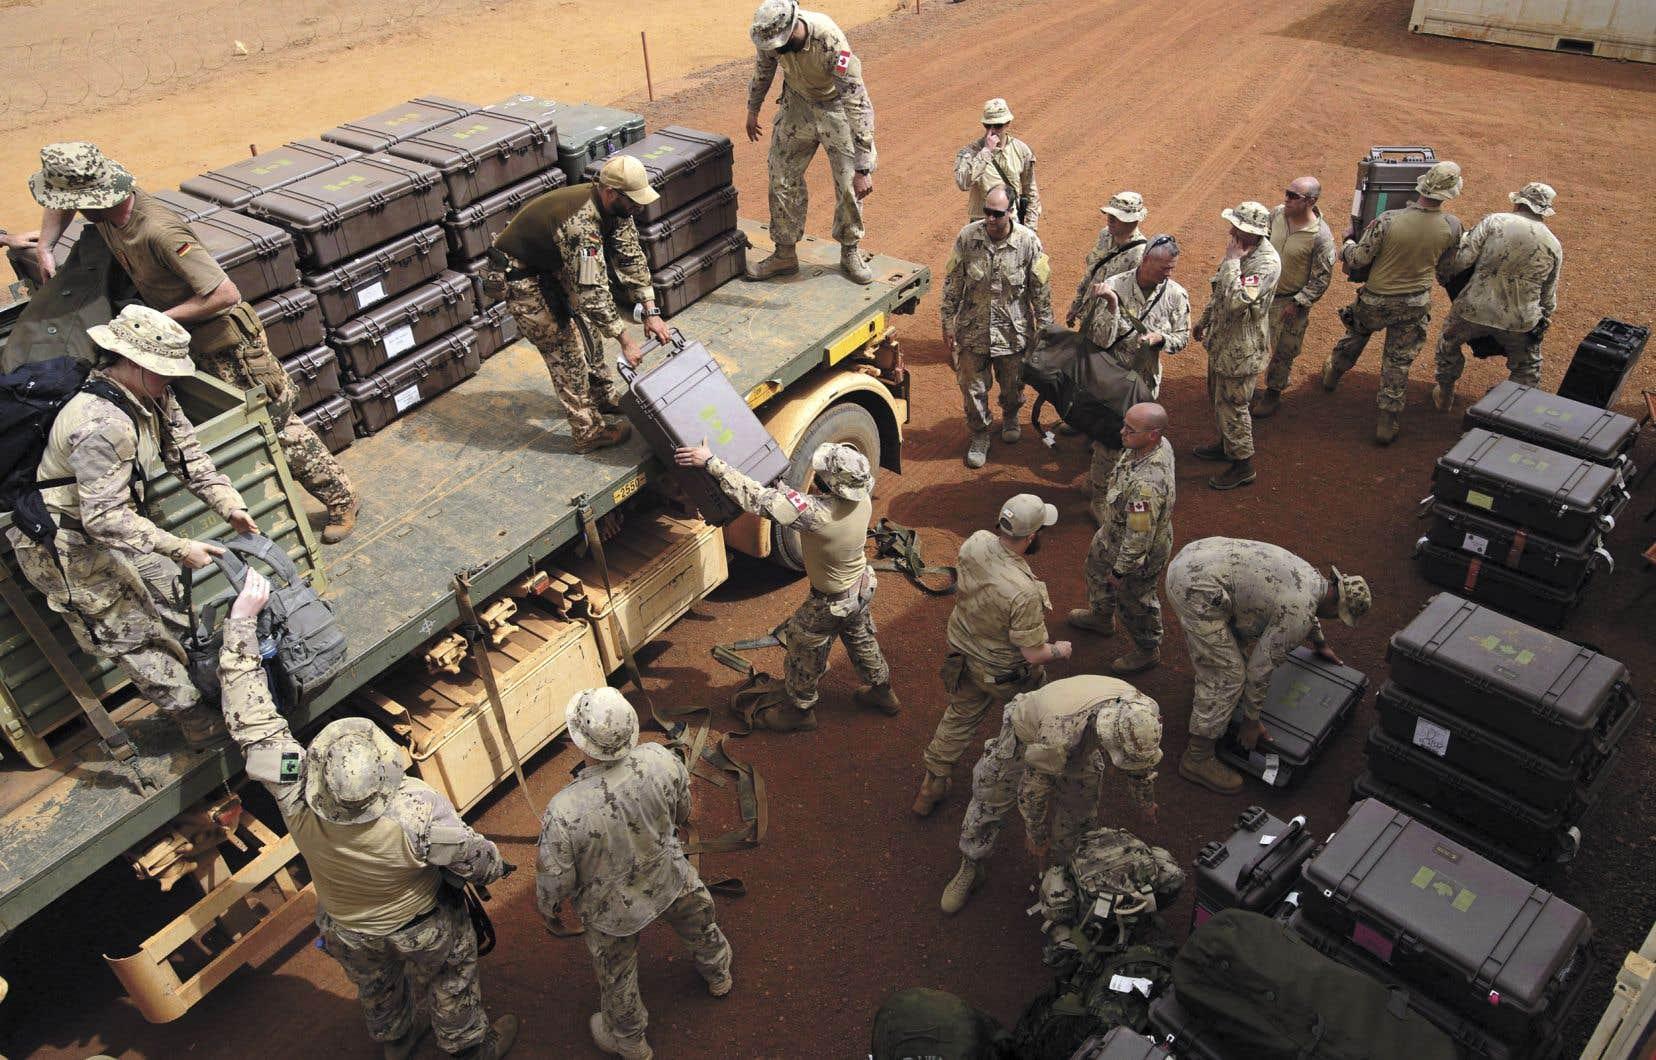 Les troupes canadiennes sont arrivées à la base des Nations unies de Gao, au Mali, le 25 juin dernier.